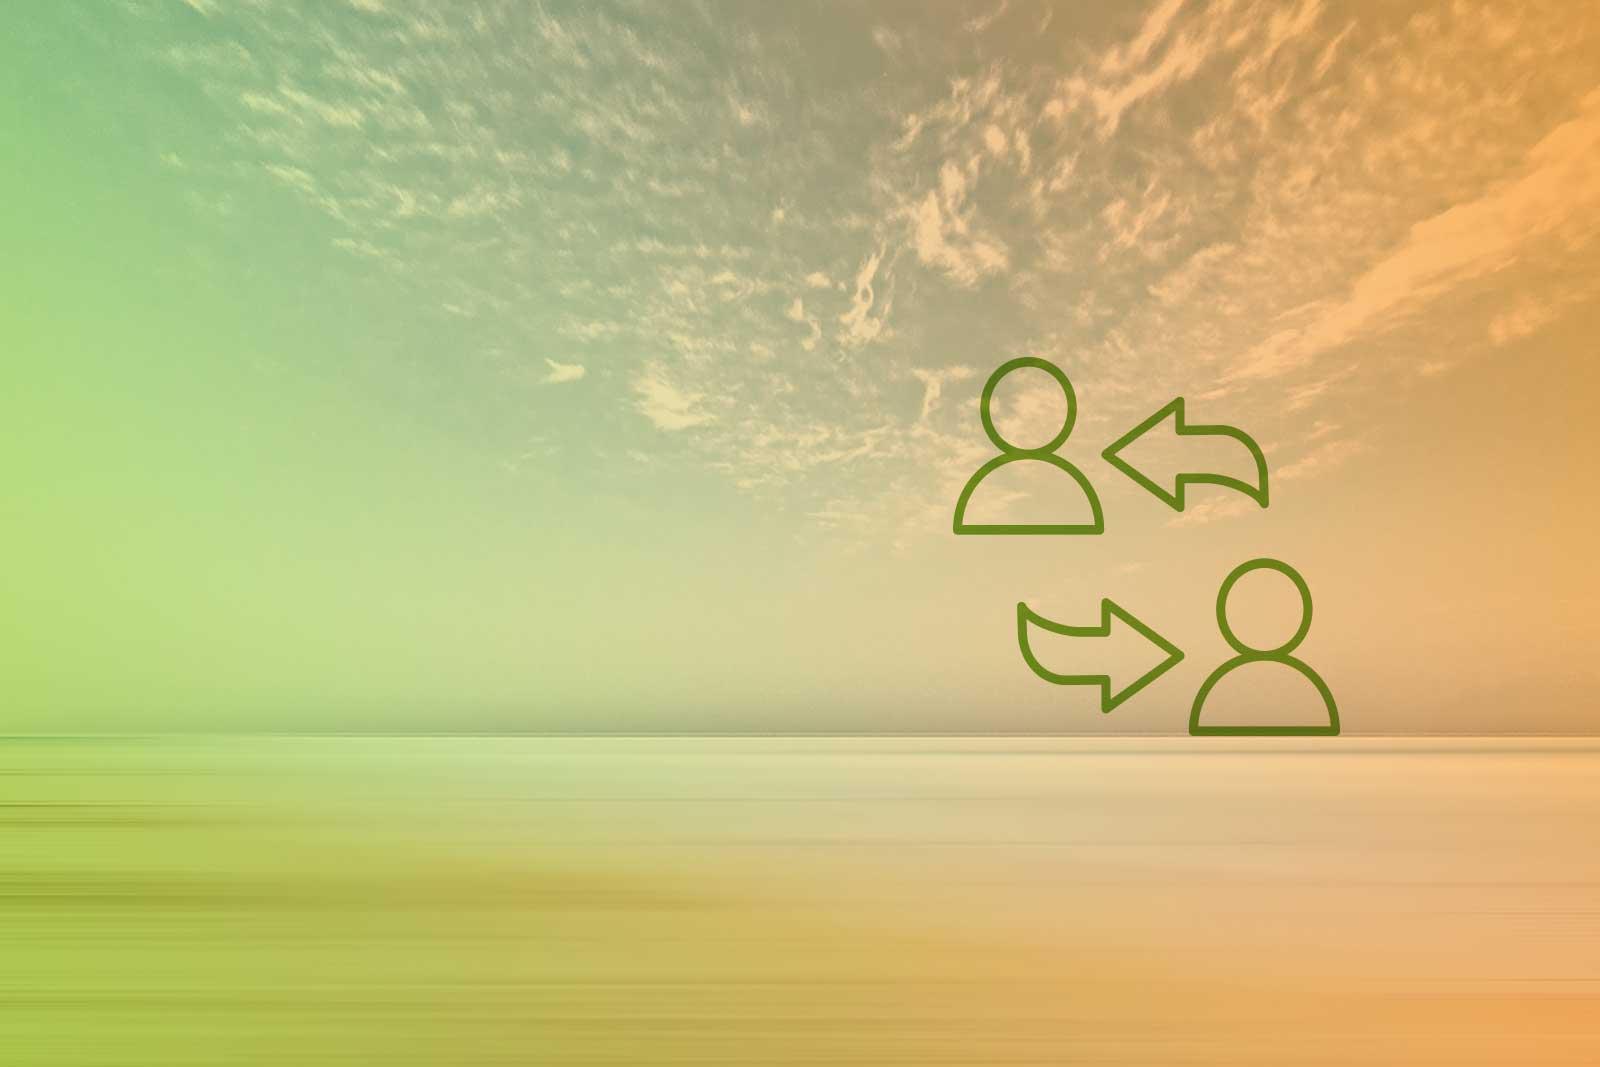 Imagem de um horizonte com um ícone de duas pessoas